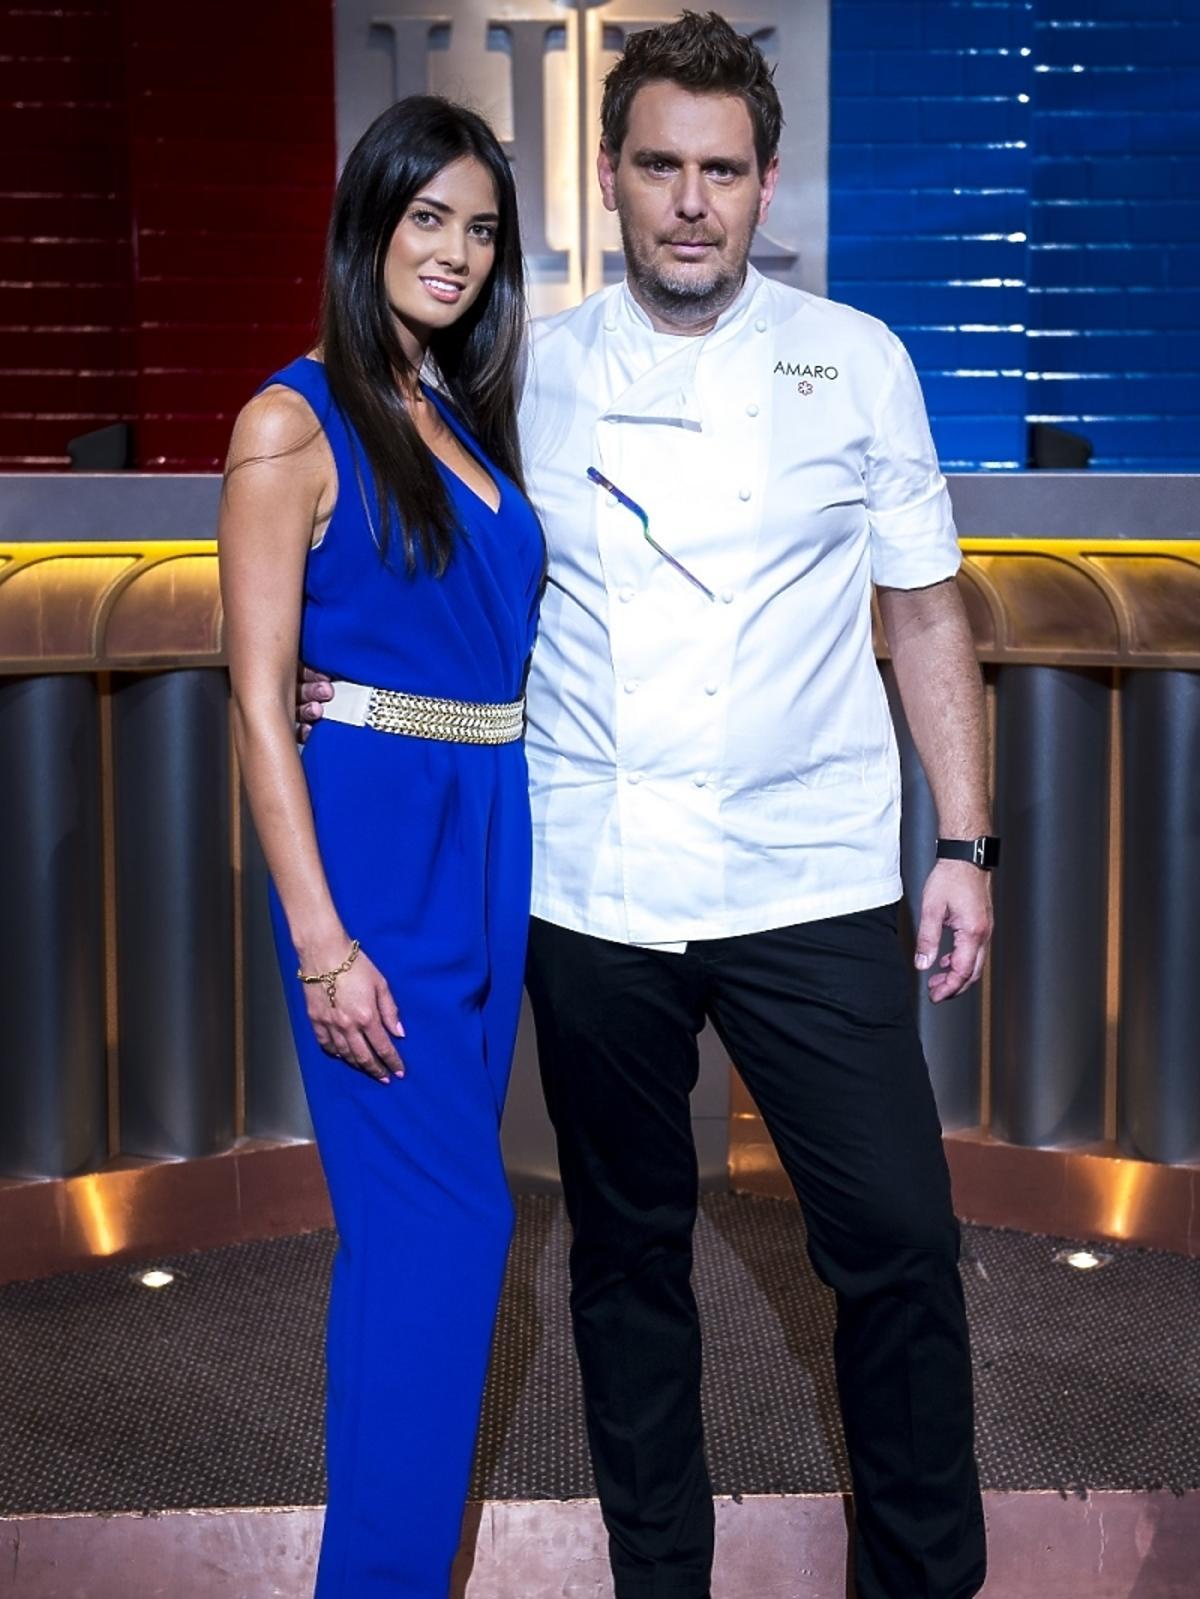 Wojciech Modest Amaro i Agata Szewioła na planie Hell's Kitchen